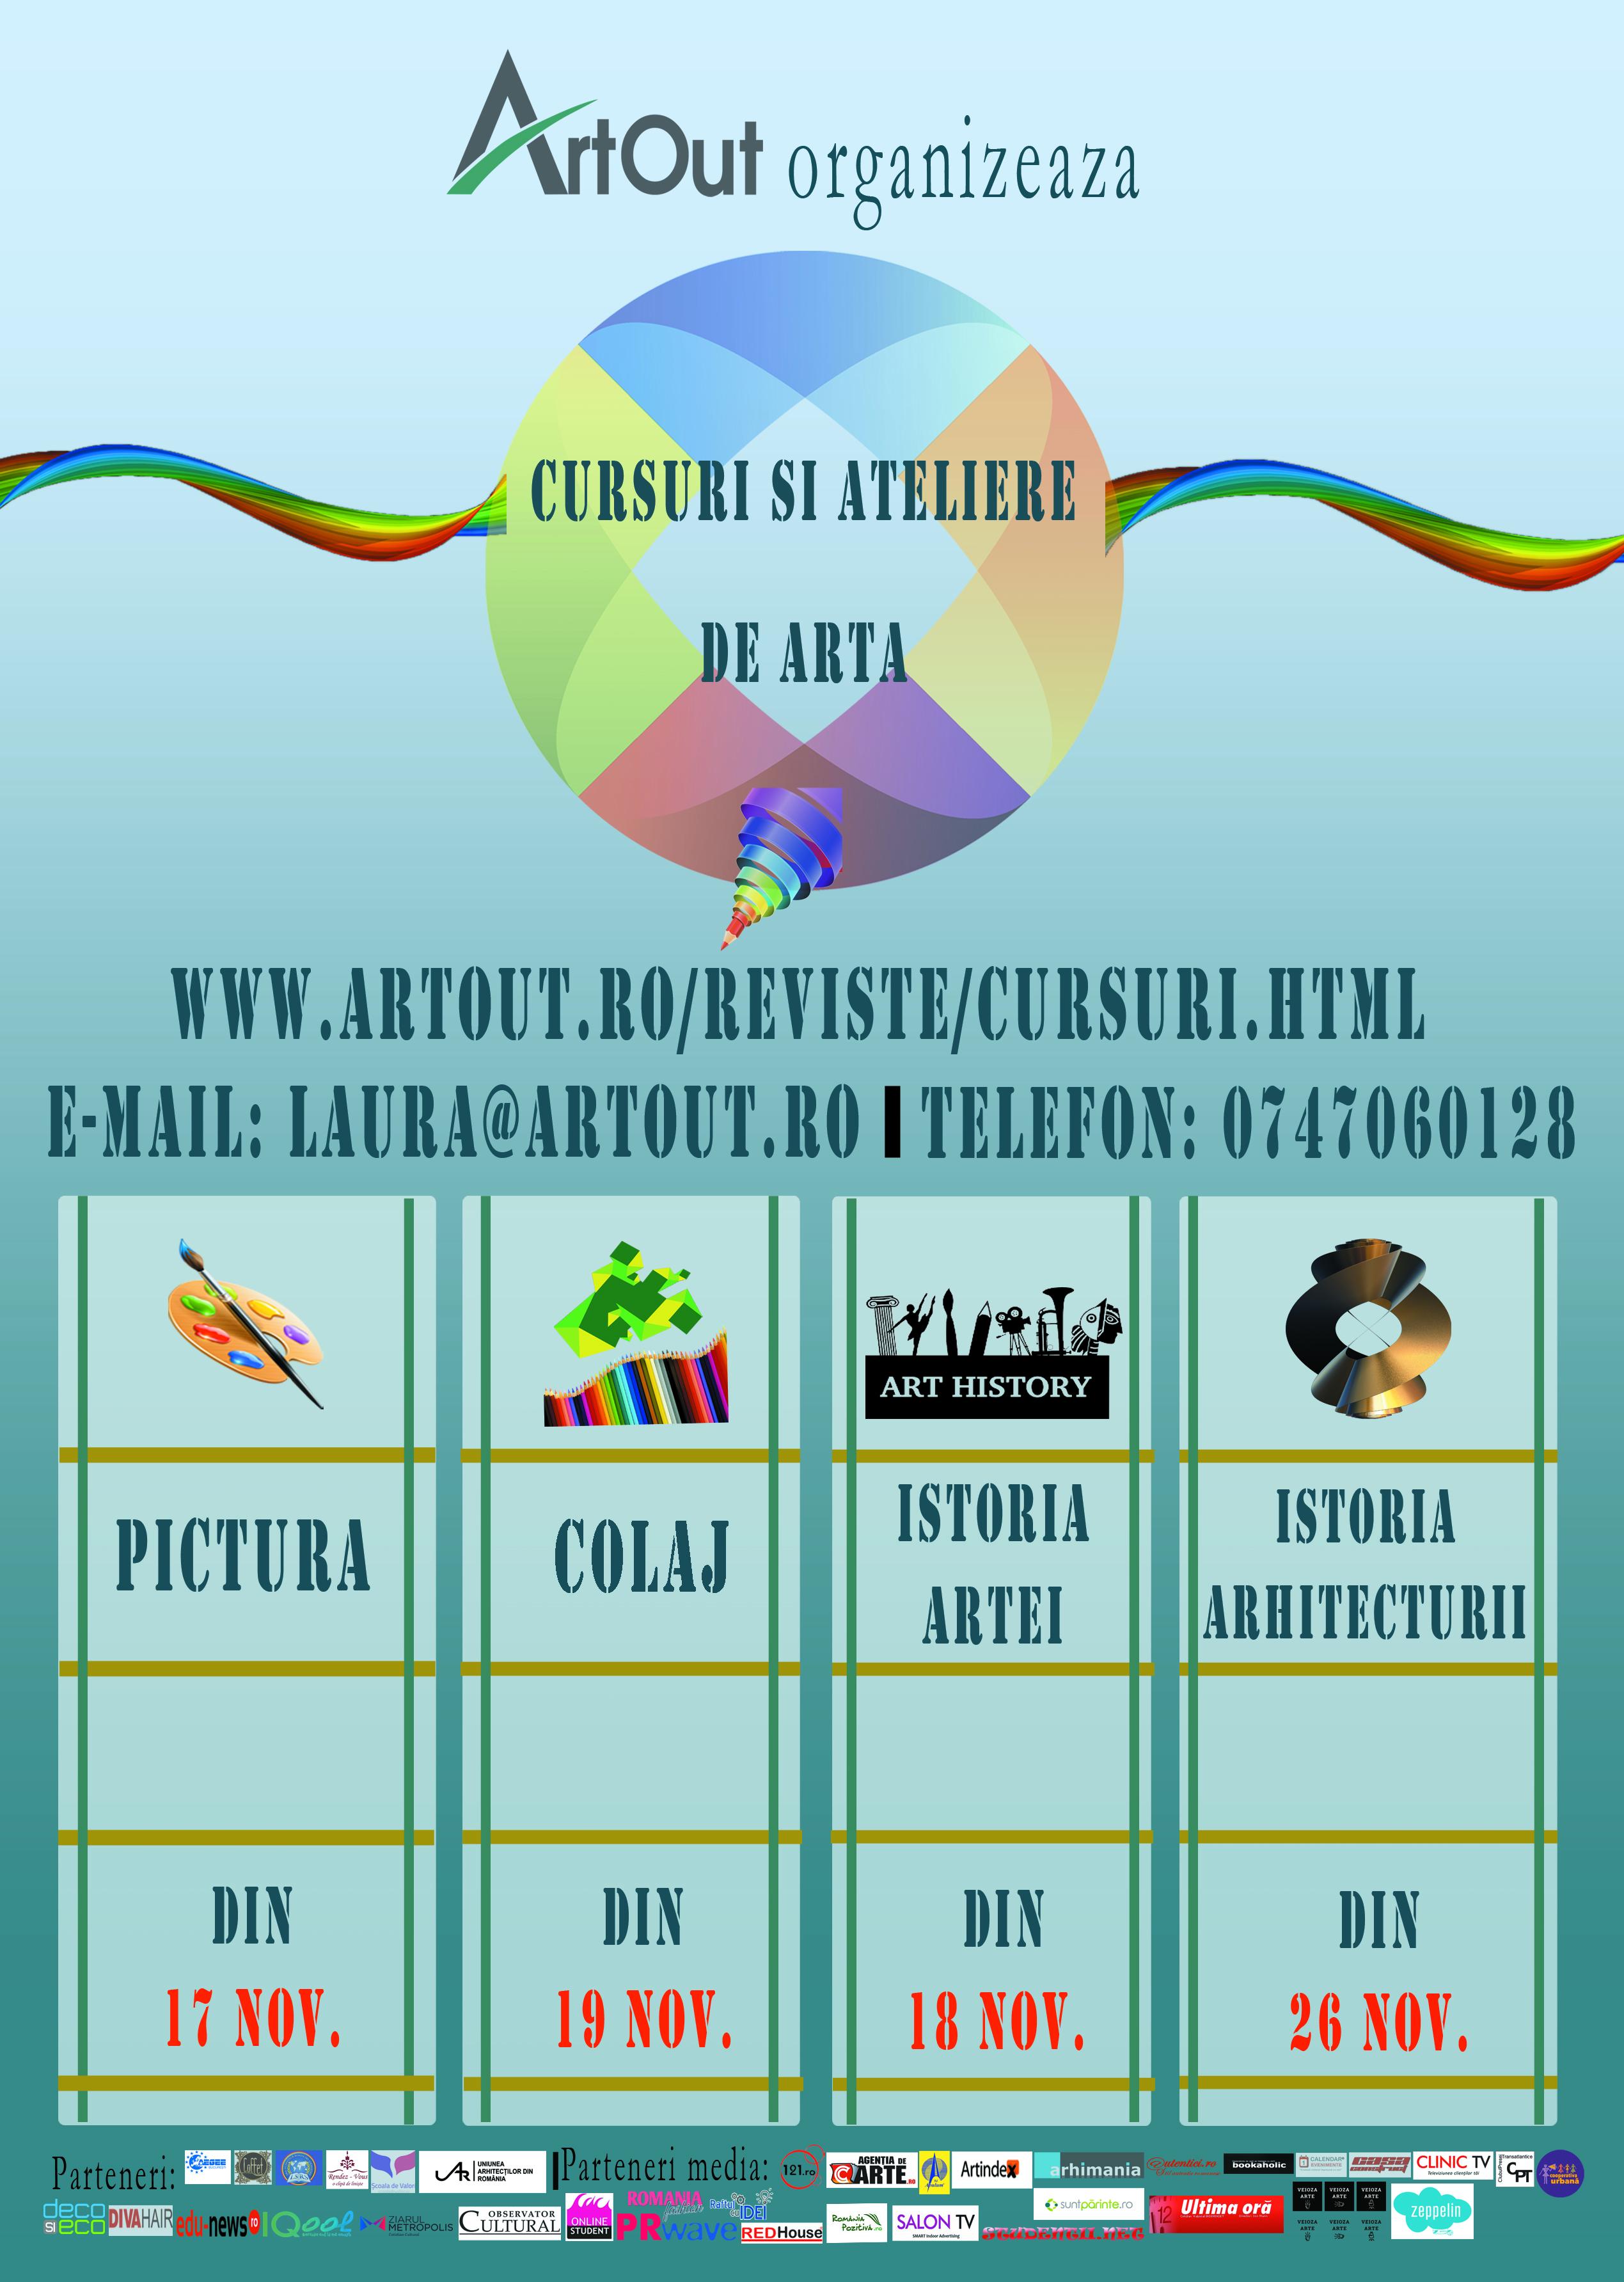 Art Out organizează cursuri și ateliere de artă în perioada noiembrie-decembrie 2014